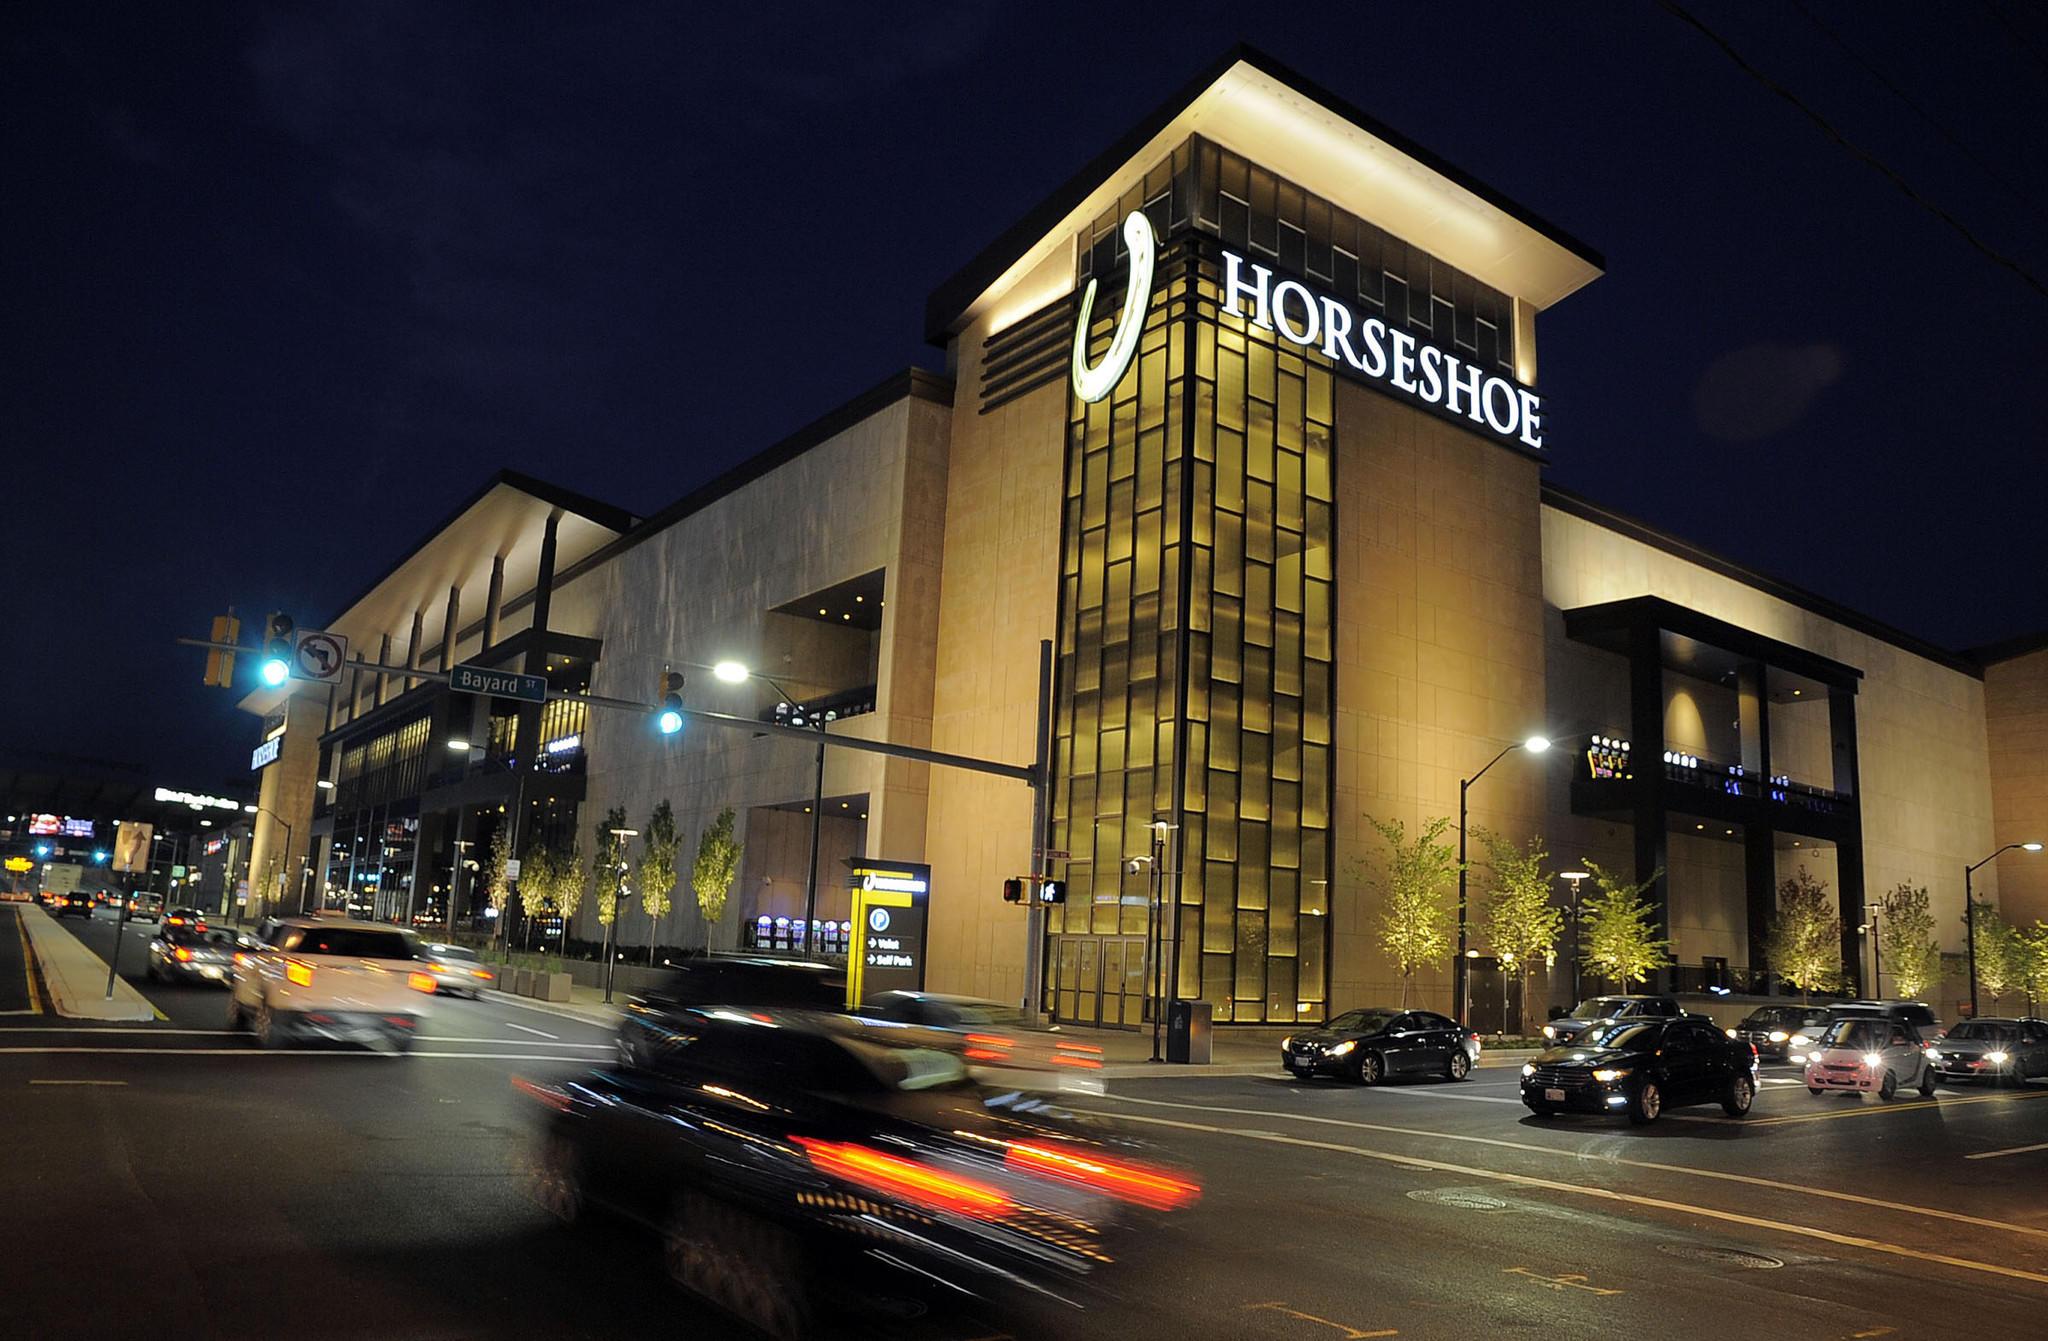 Free shuttle horseshoe casino hammond